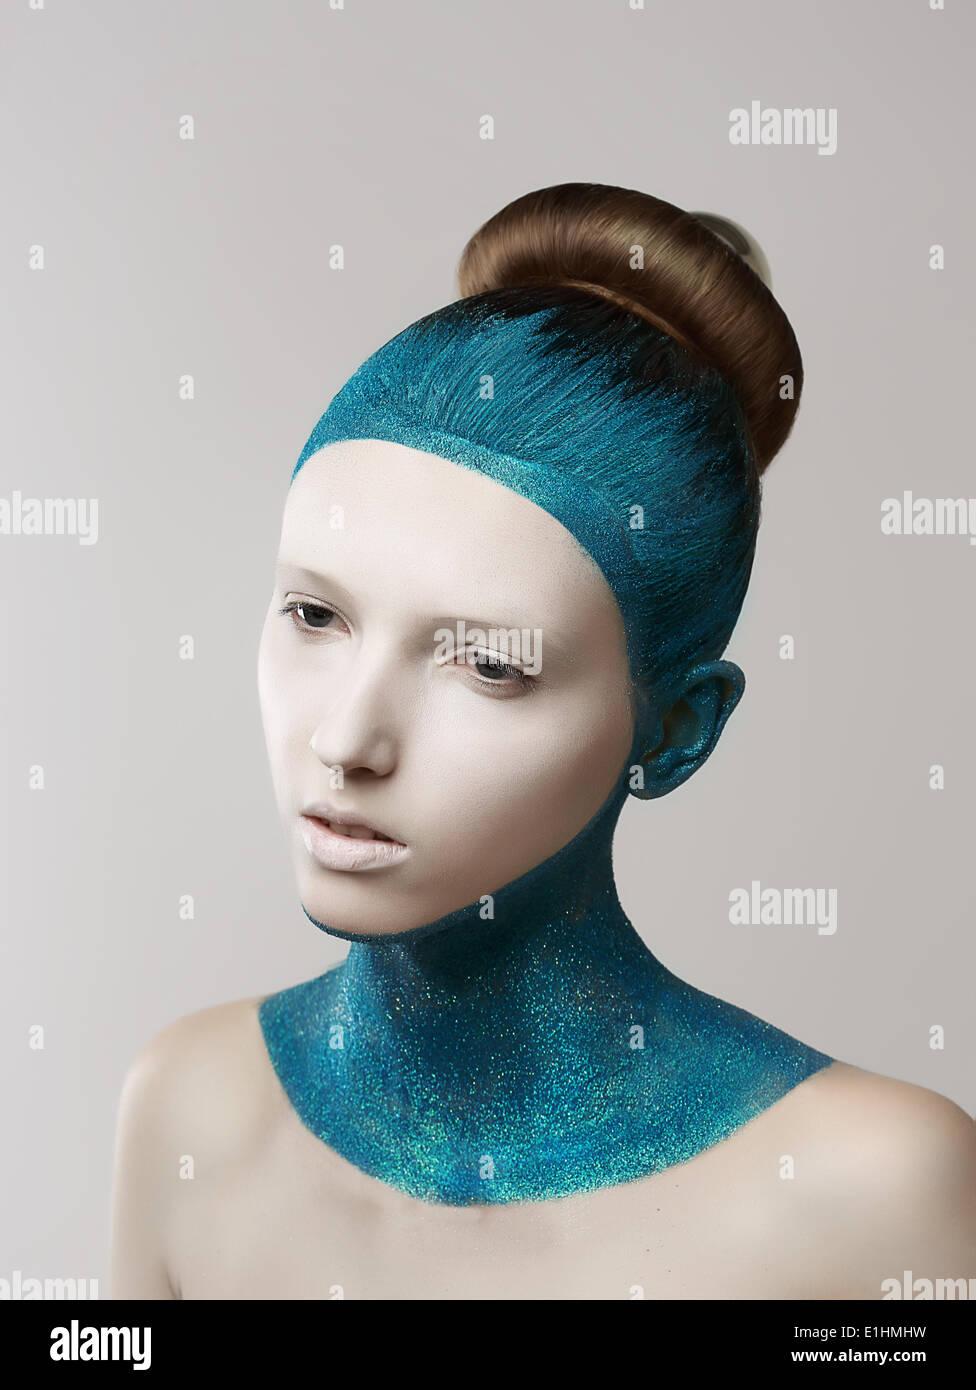 L'expression. La fantaisie. Femme excentrique peinte en bleu avec la peau et les cheveux. La coloration Photo Stock